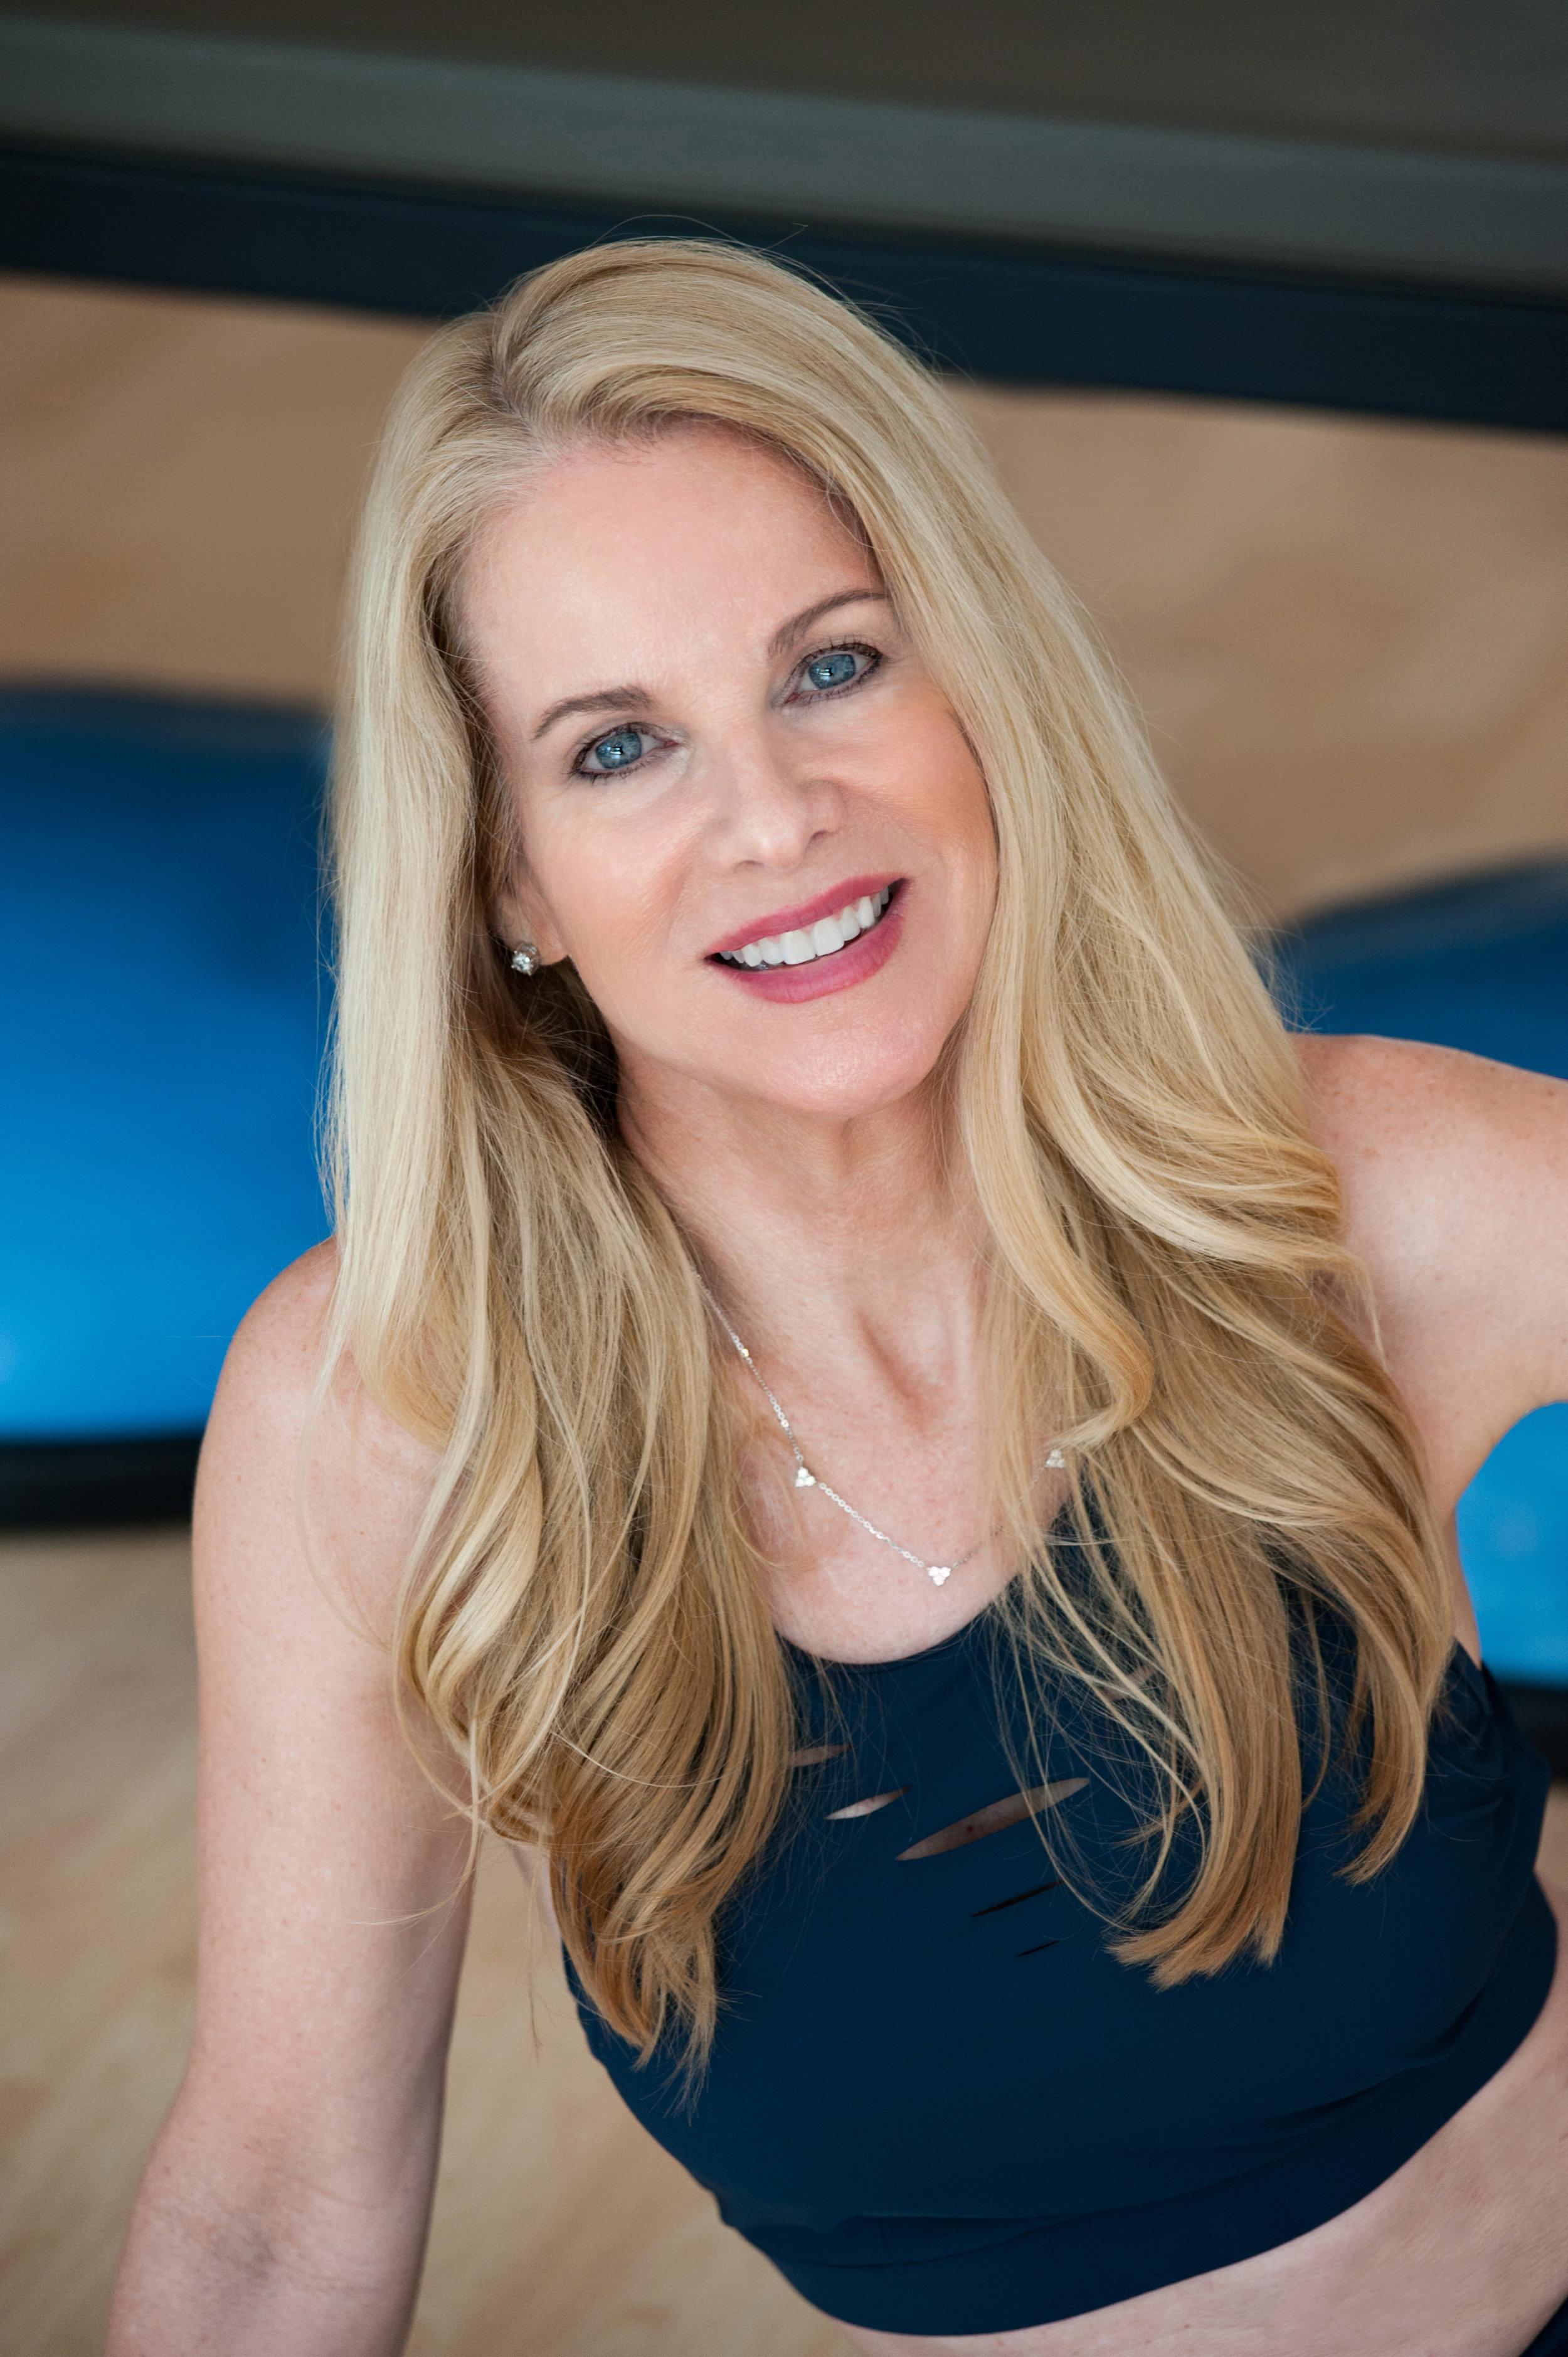 NINA DESLOGE-DAY, A STOTT PILATES® Certified Instructor. Owner of Pilates Works of Sarasota studio in Sarasota, FL.